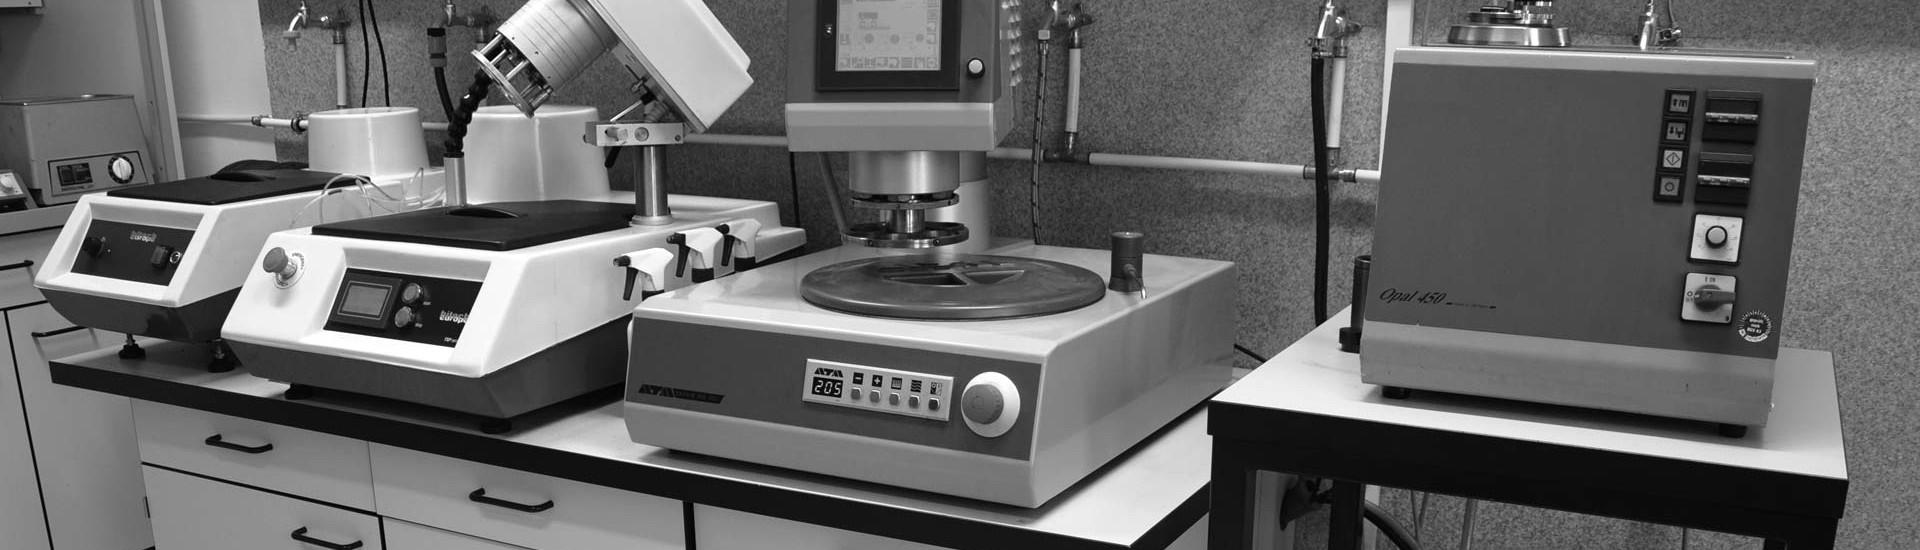 Prior-ZT Geräte Hintergrund 1920x750